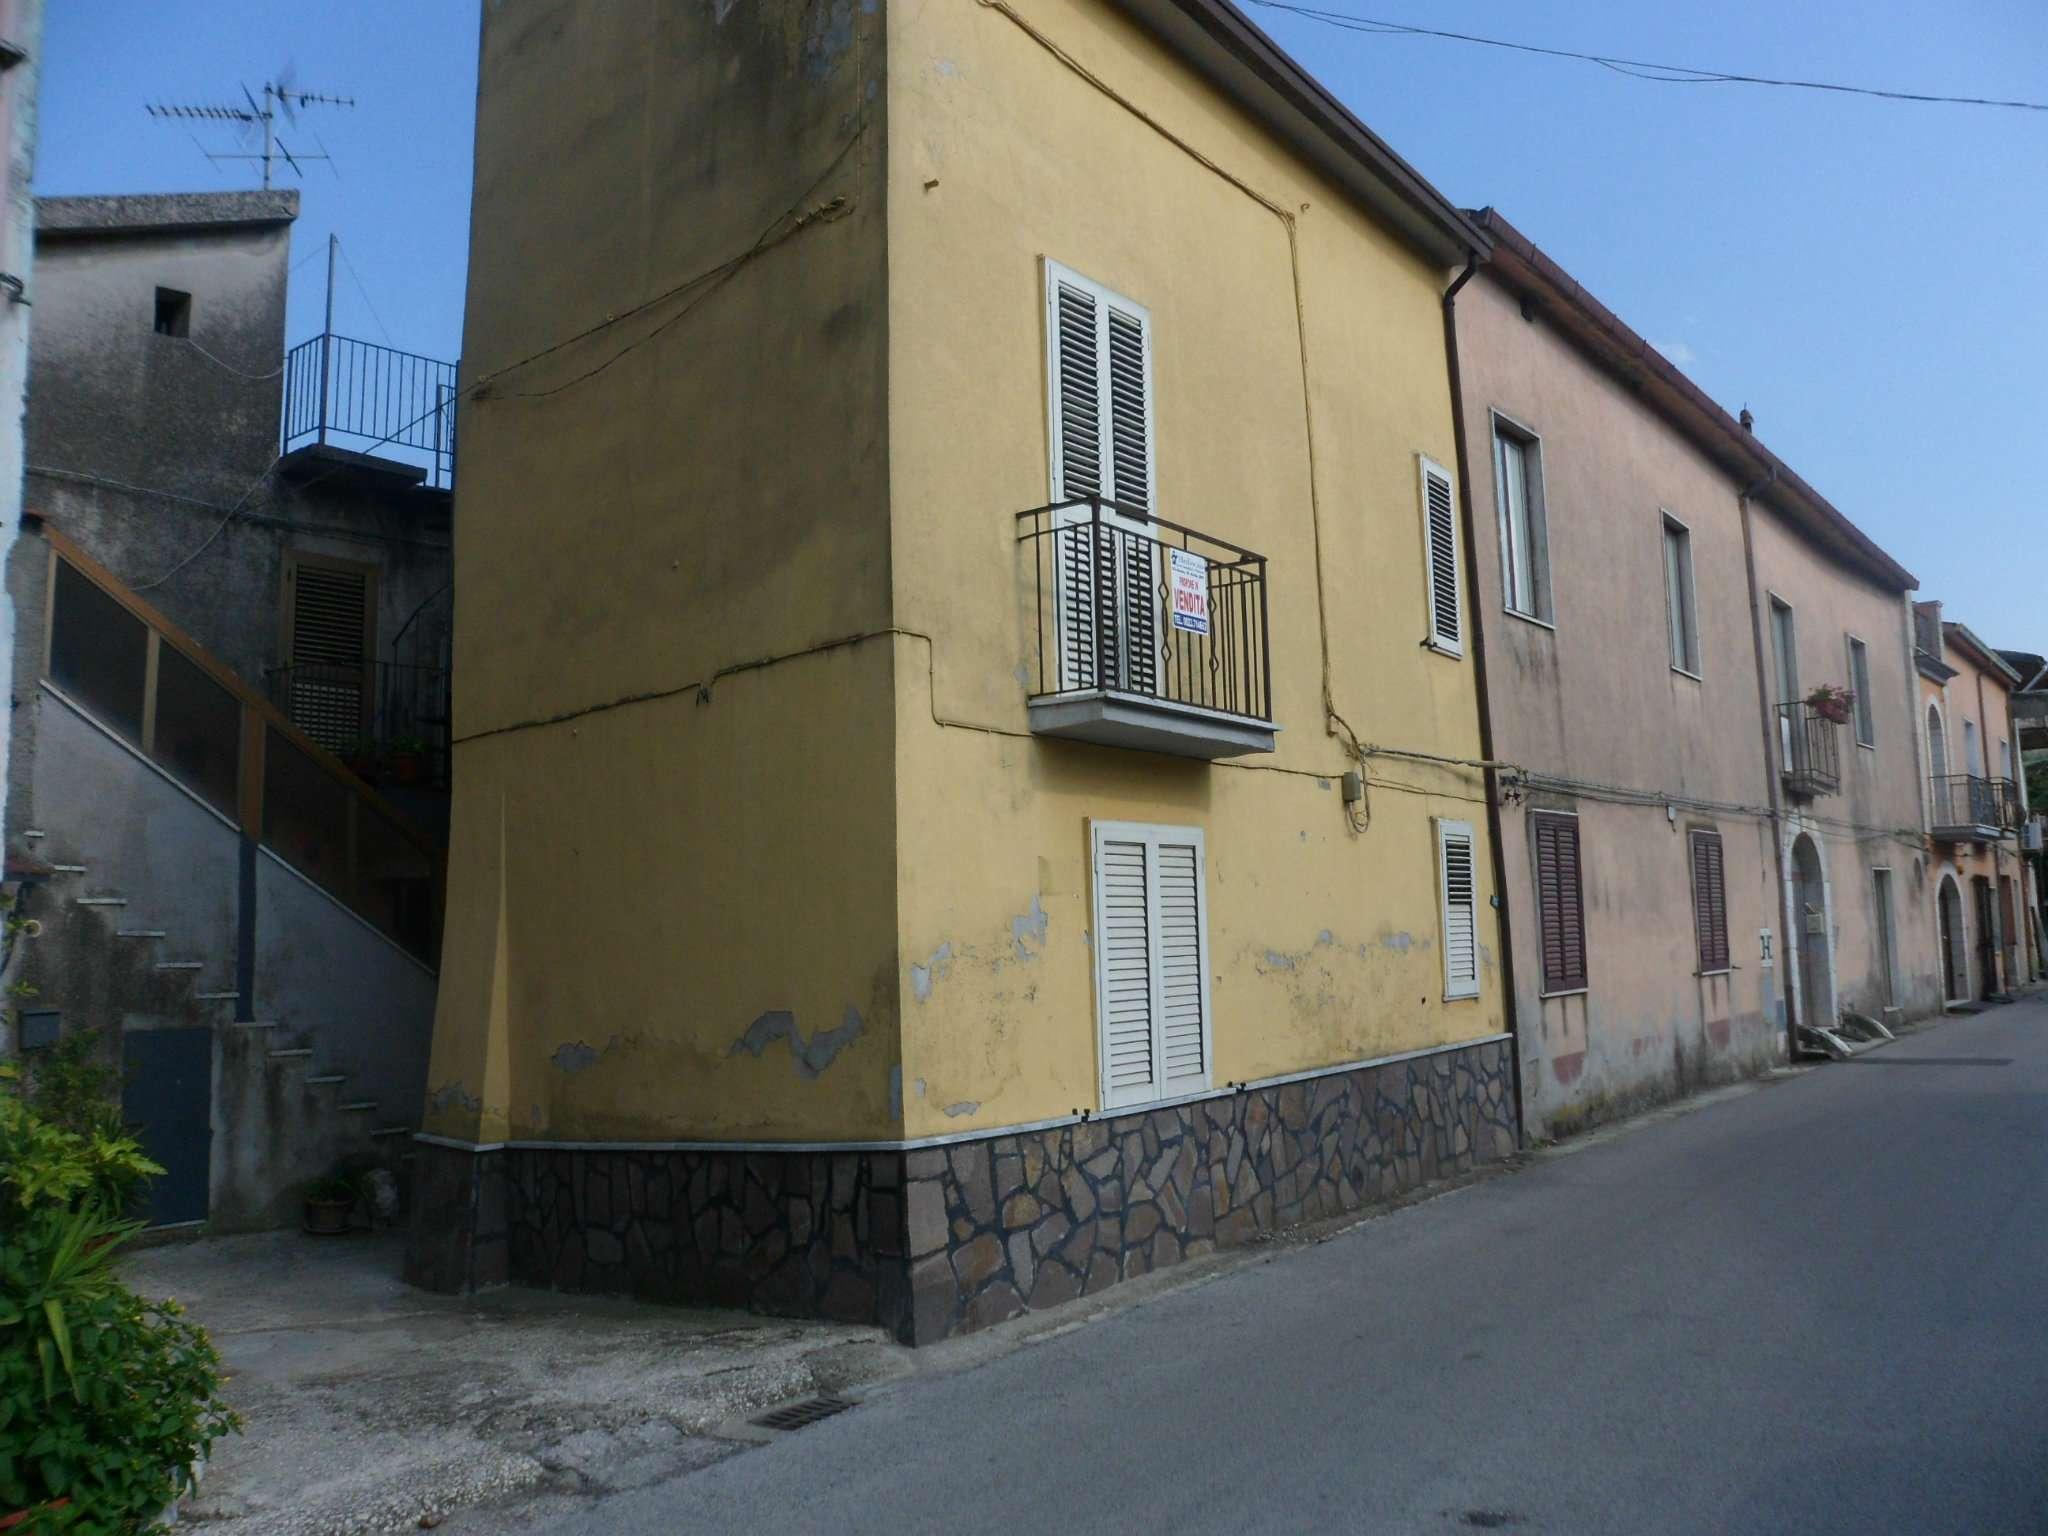 Palazzo / Stabile in vendita a Moiano, 3 locali, prezzo € 22.000 | CambioCasa.it